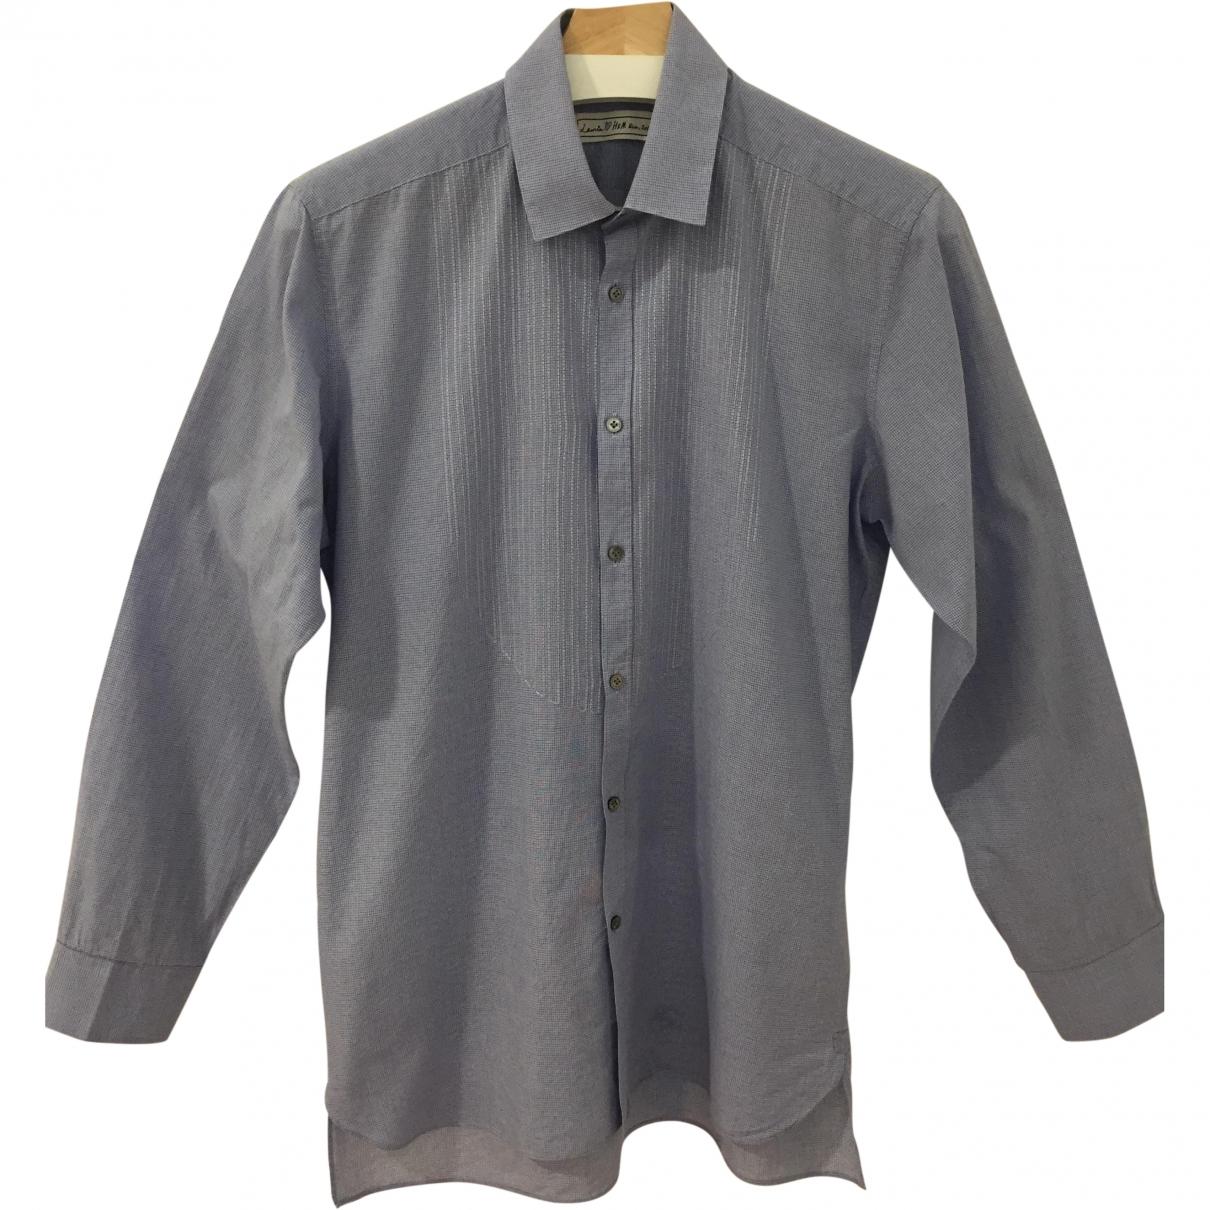 Lanvin For H&m \N Blue Cotton Shirts for Men 38 EU (tour de cou / collar)